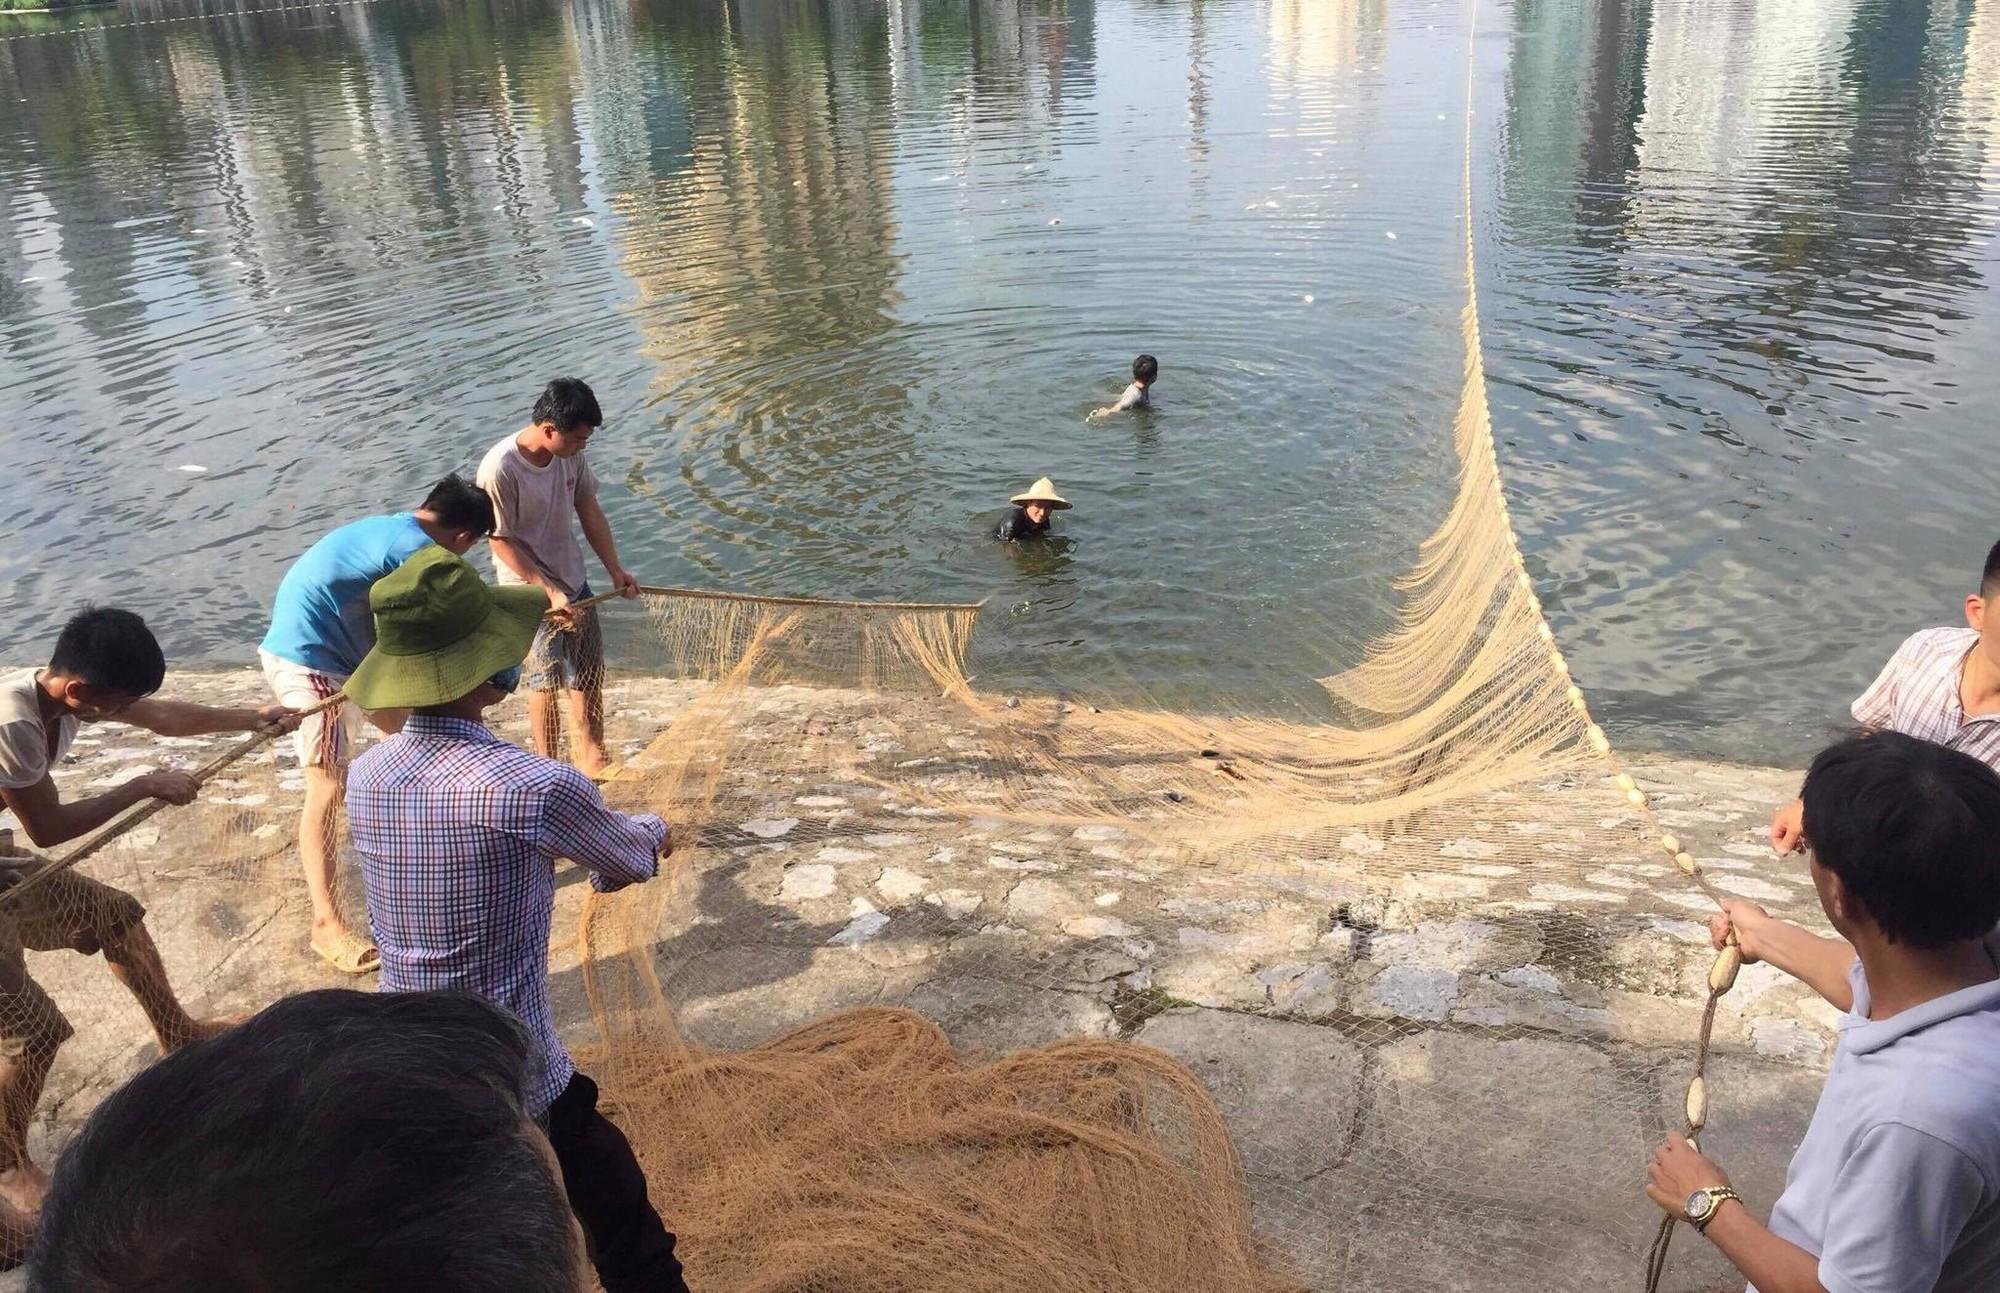 Hà Nội: Cá lại tiếp tục chết, bốc mùi hôi thối ở hồ Hoàng Cầu 3